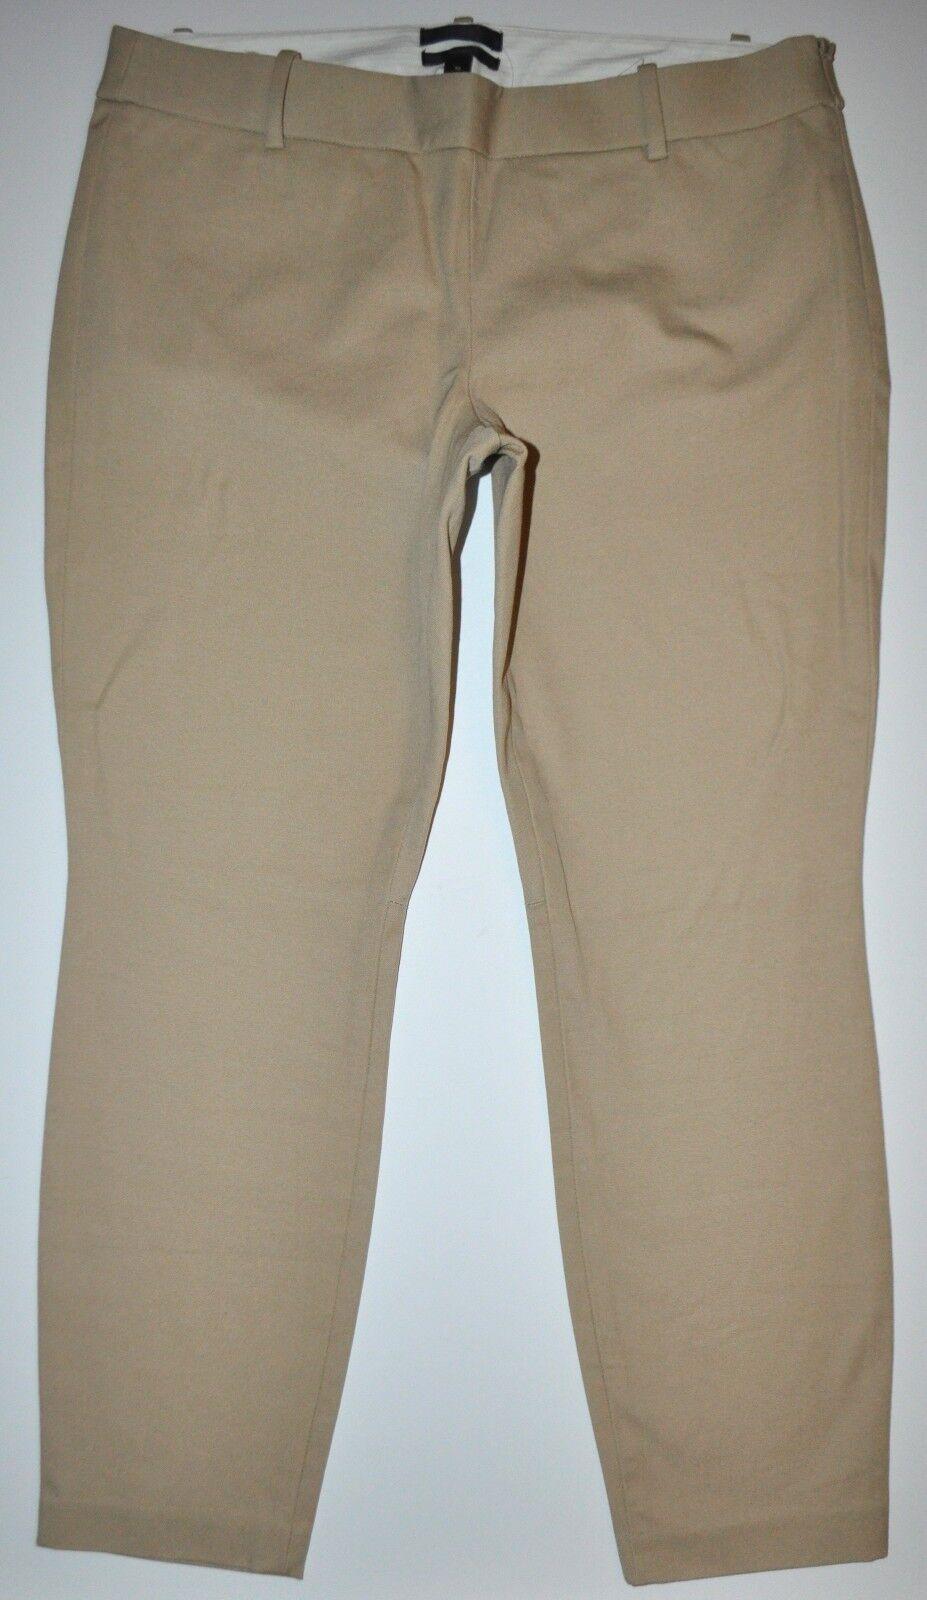 NEW J.Crew Tan Mini Slim Skinny Ankle Dress Pants Sz 10 (W33  L26 1 4 ) Stretch